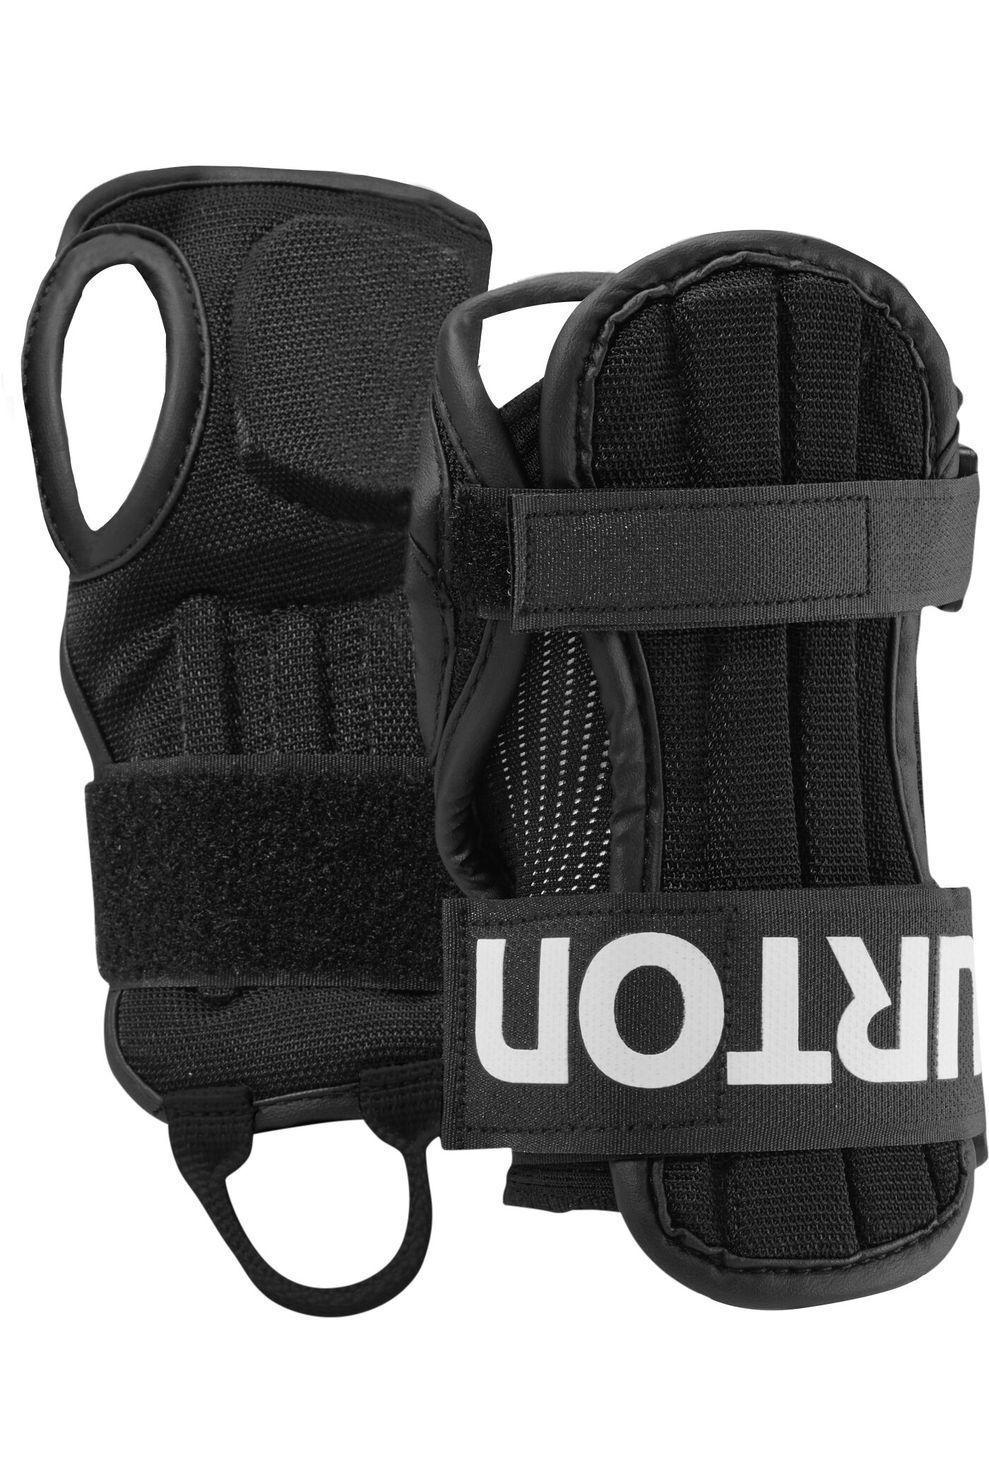 Burton Bescherming Adult Wrist Guards - Zwart - Maten: S, M, L, XL